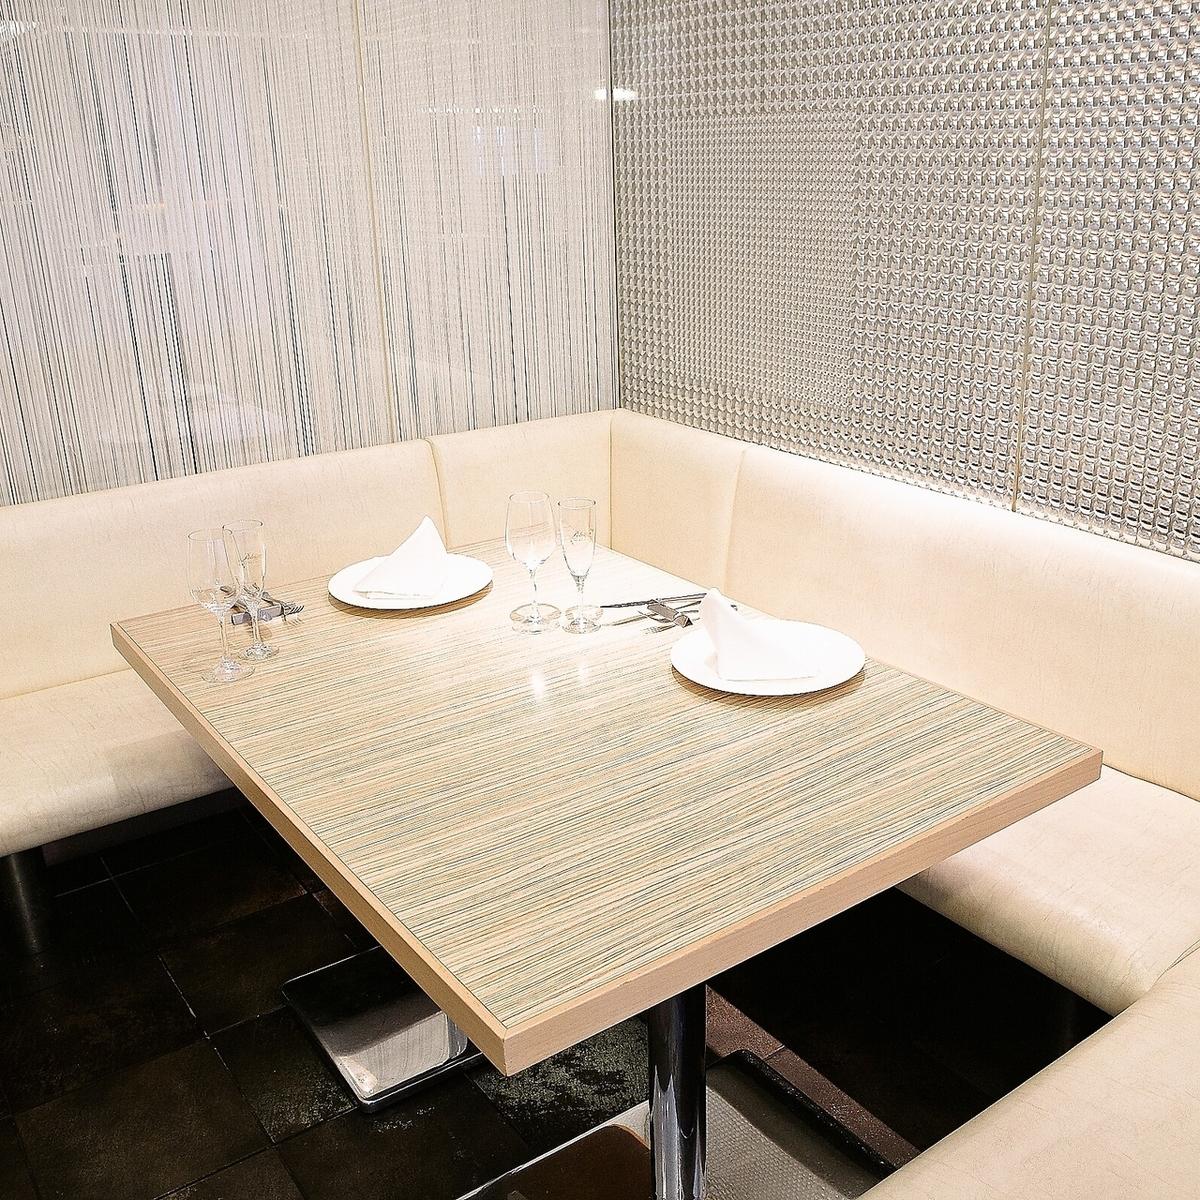 ラグジュアリーな雰囲気の半個室タイプのテーブル席です。